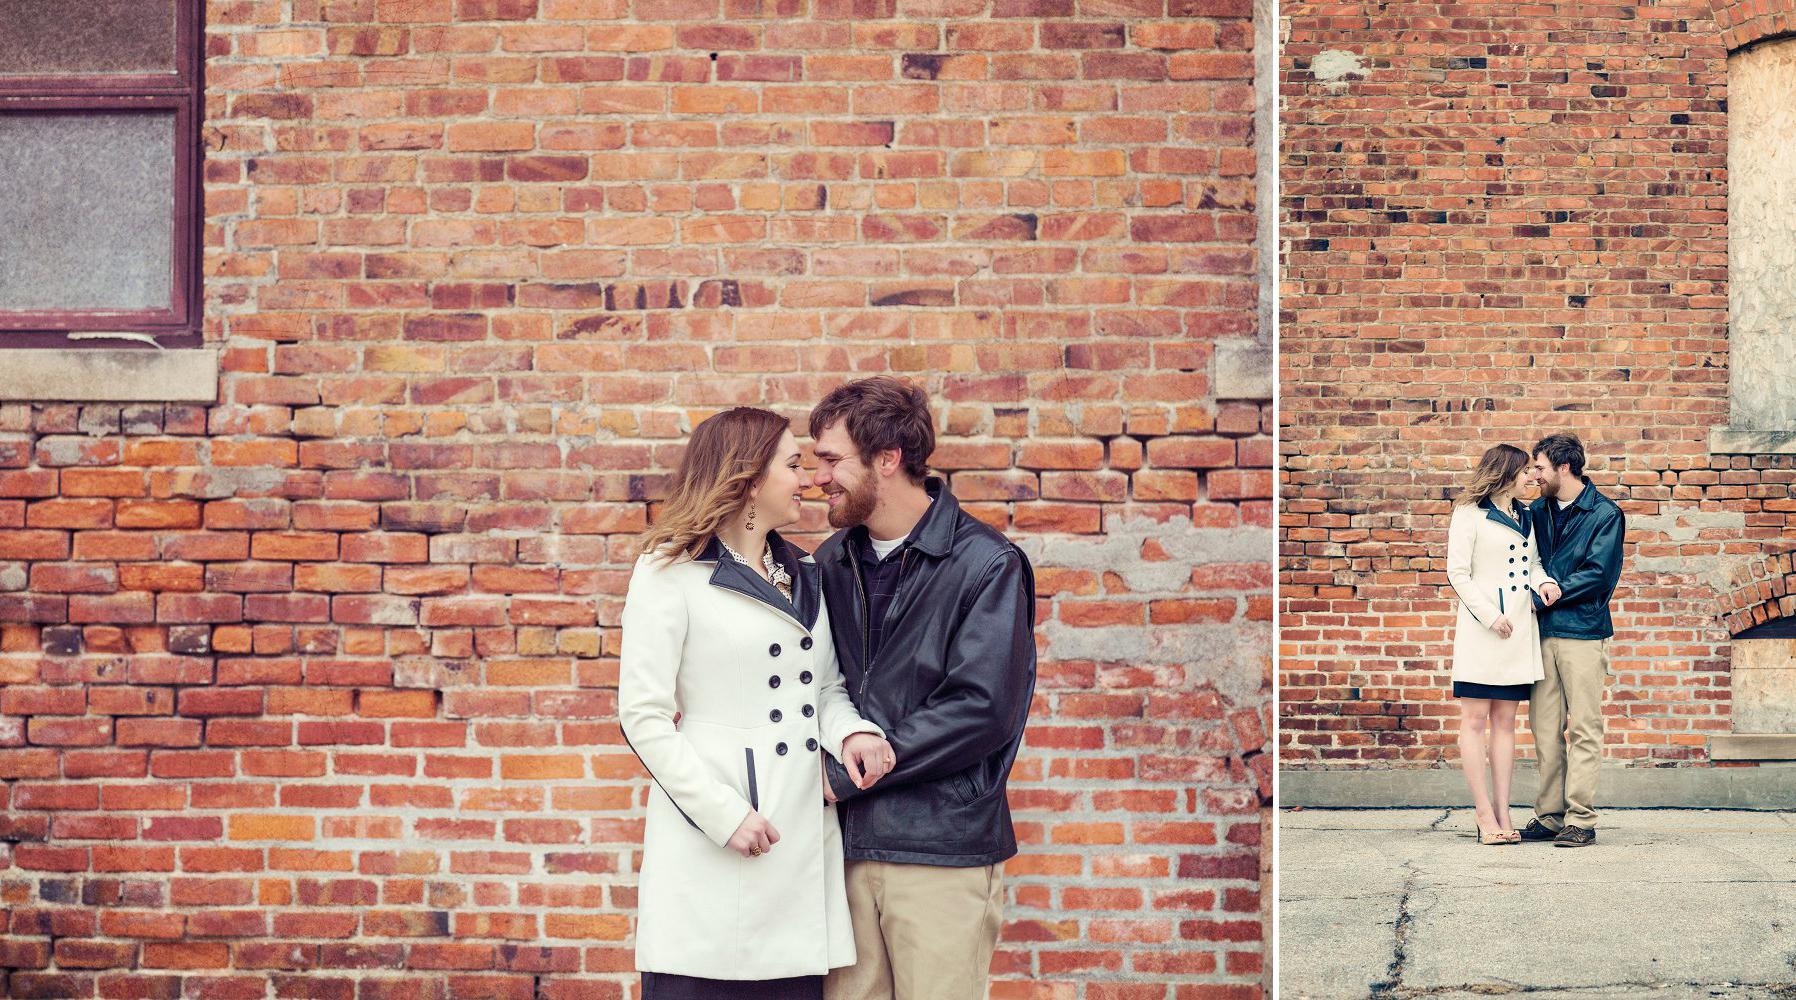 omaha-ne-engagement-wedding-photographer-6